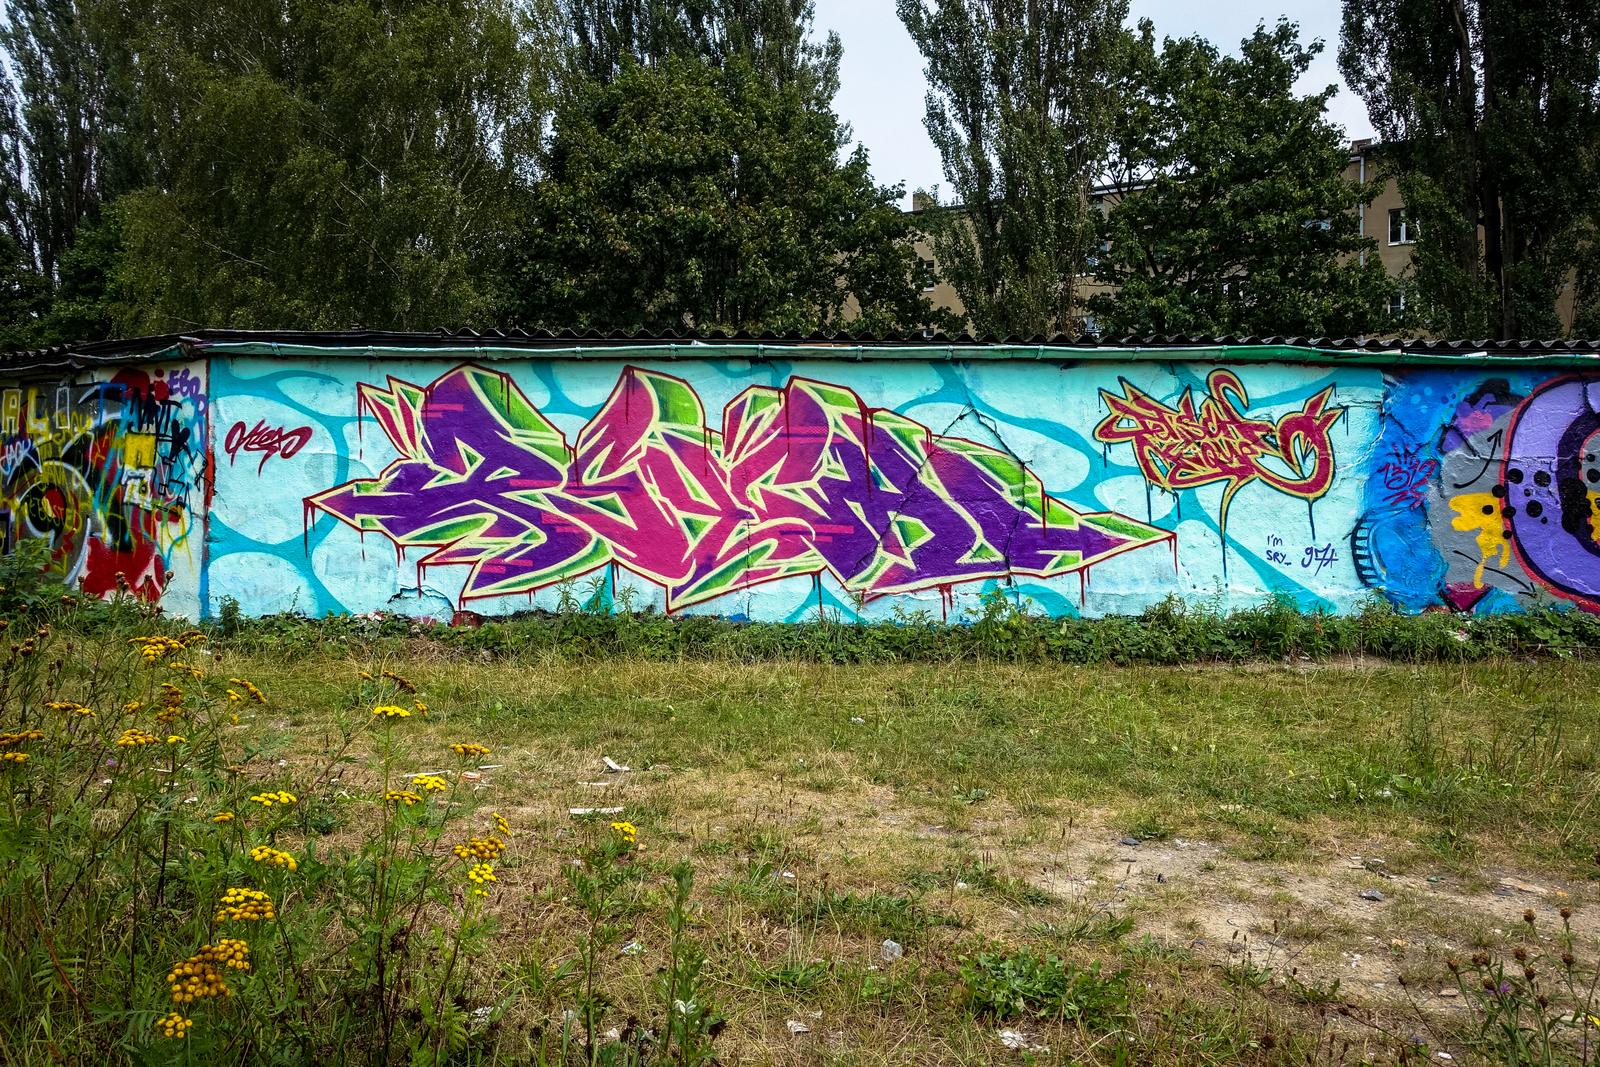 graffiti - bornholmer garagen, berlin